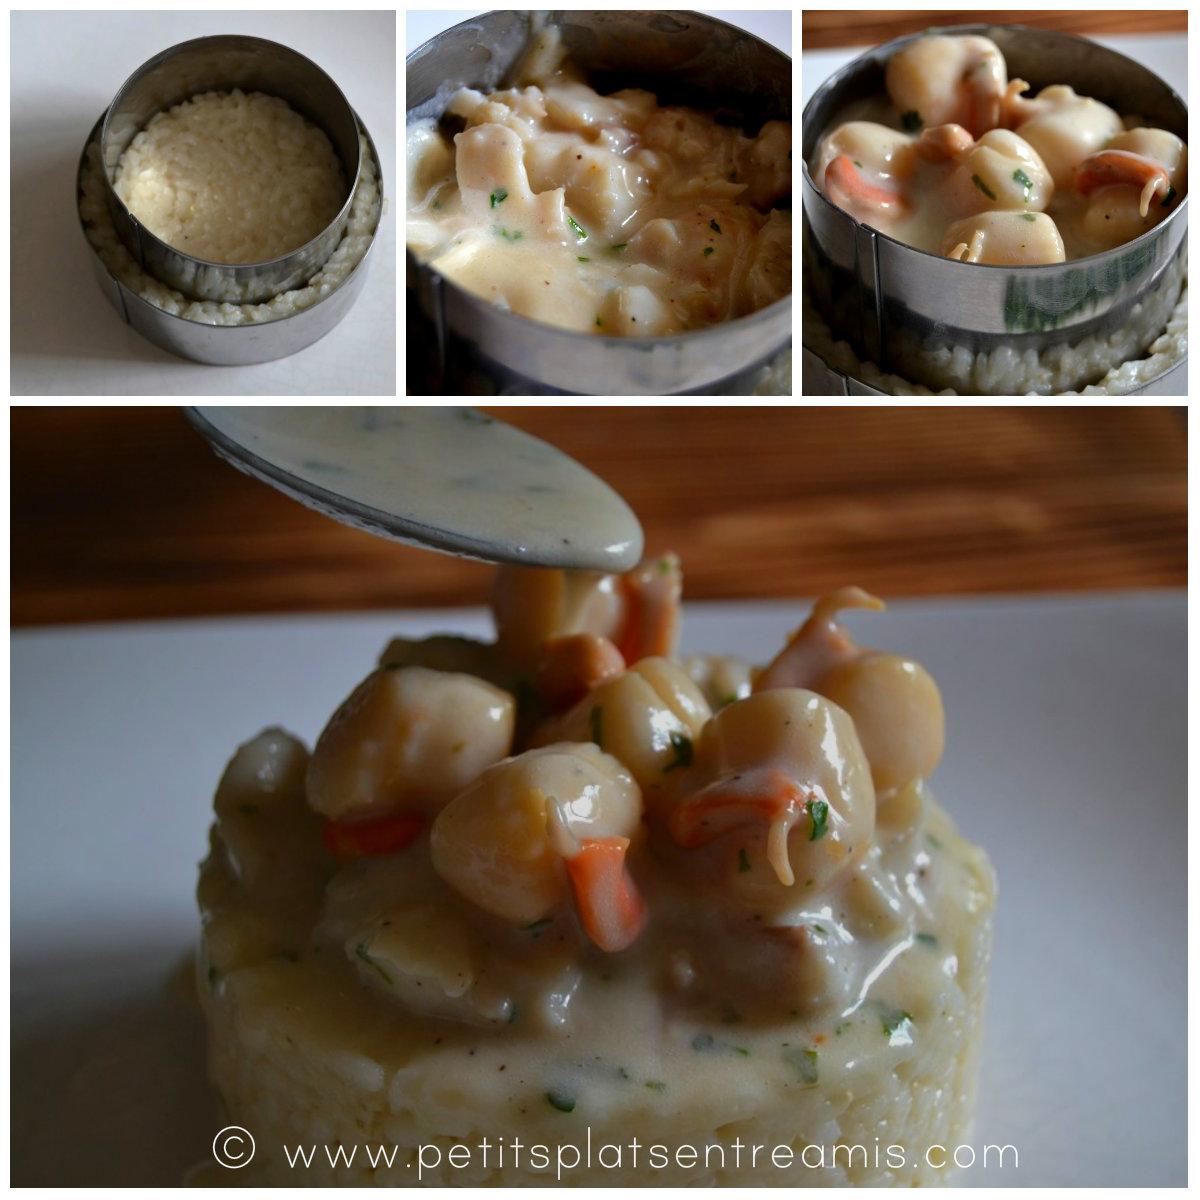 montage de l'assiette de risotto